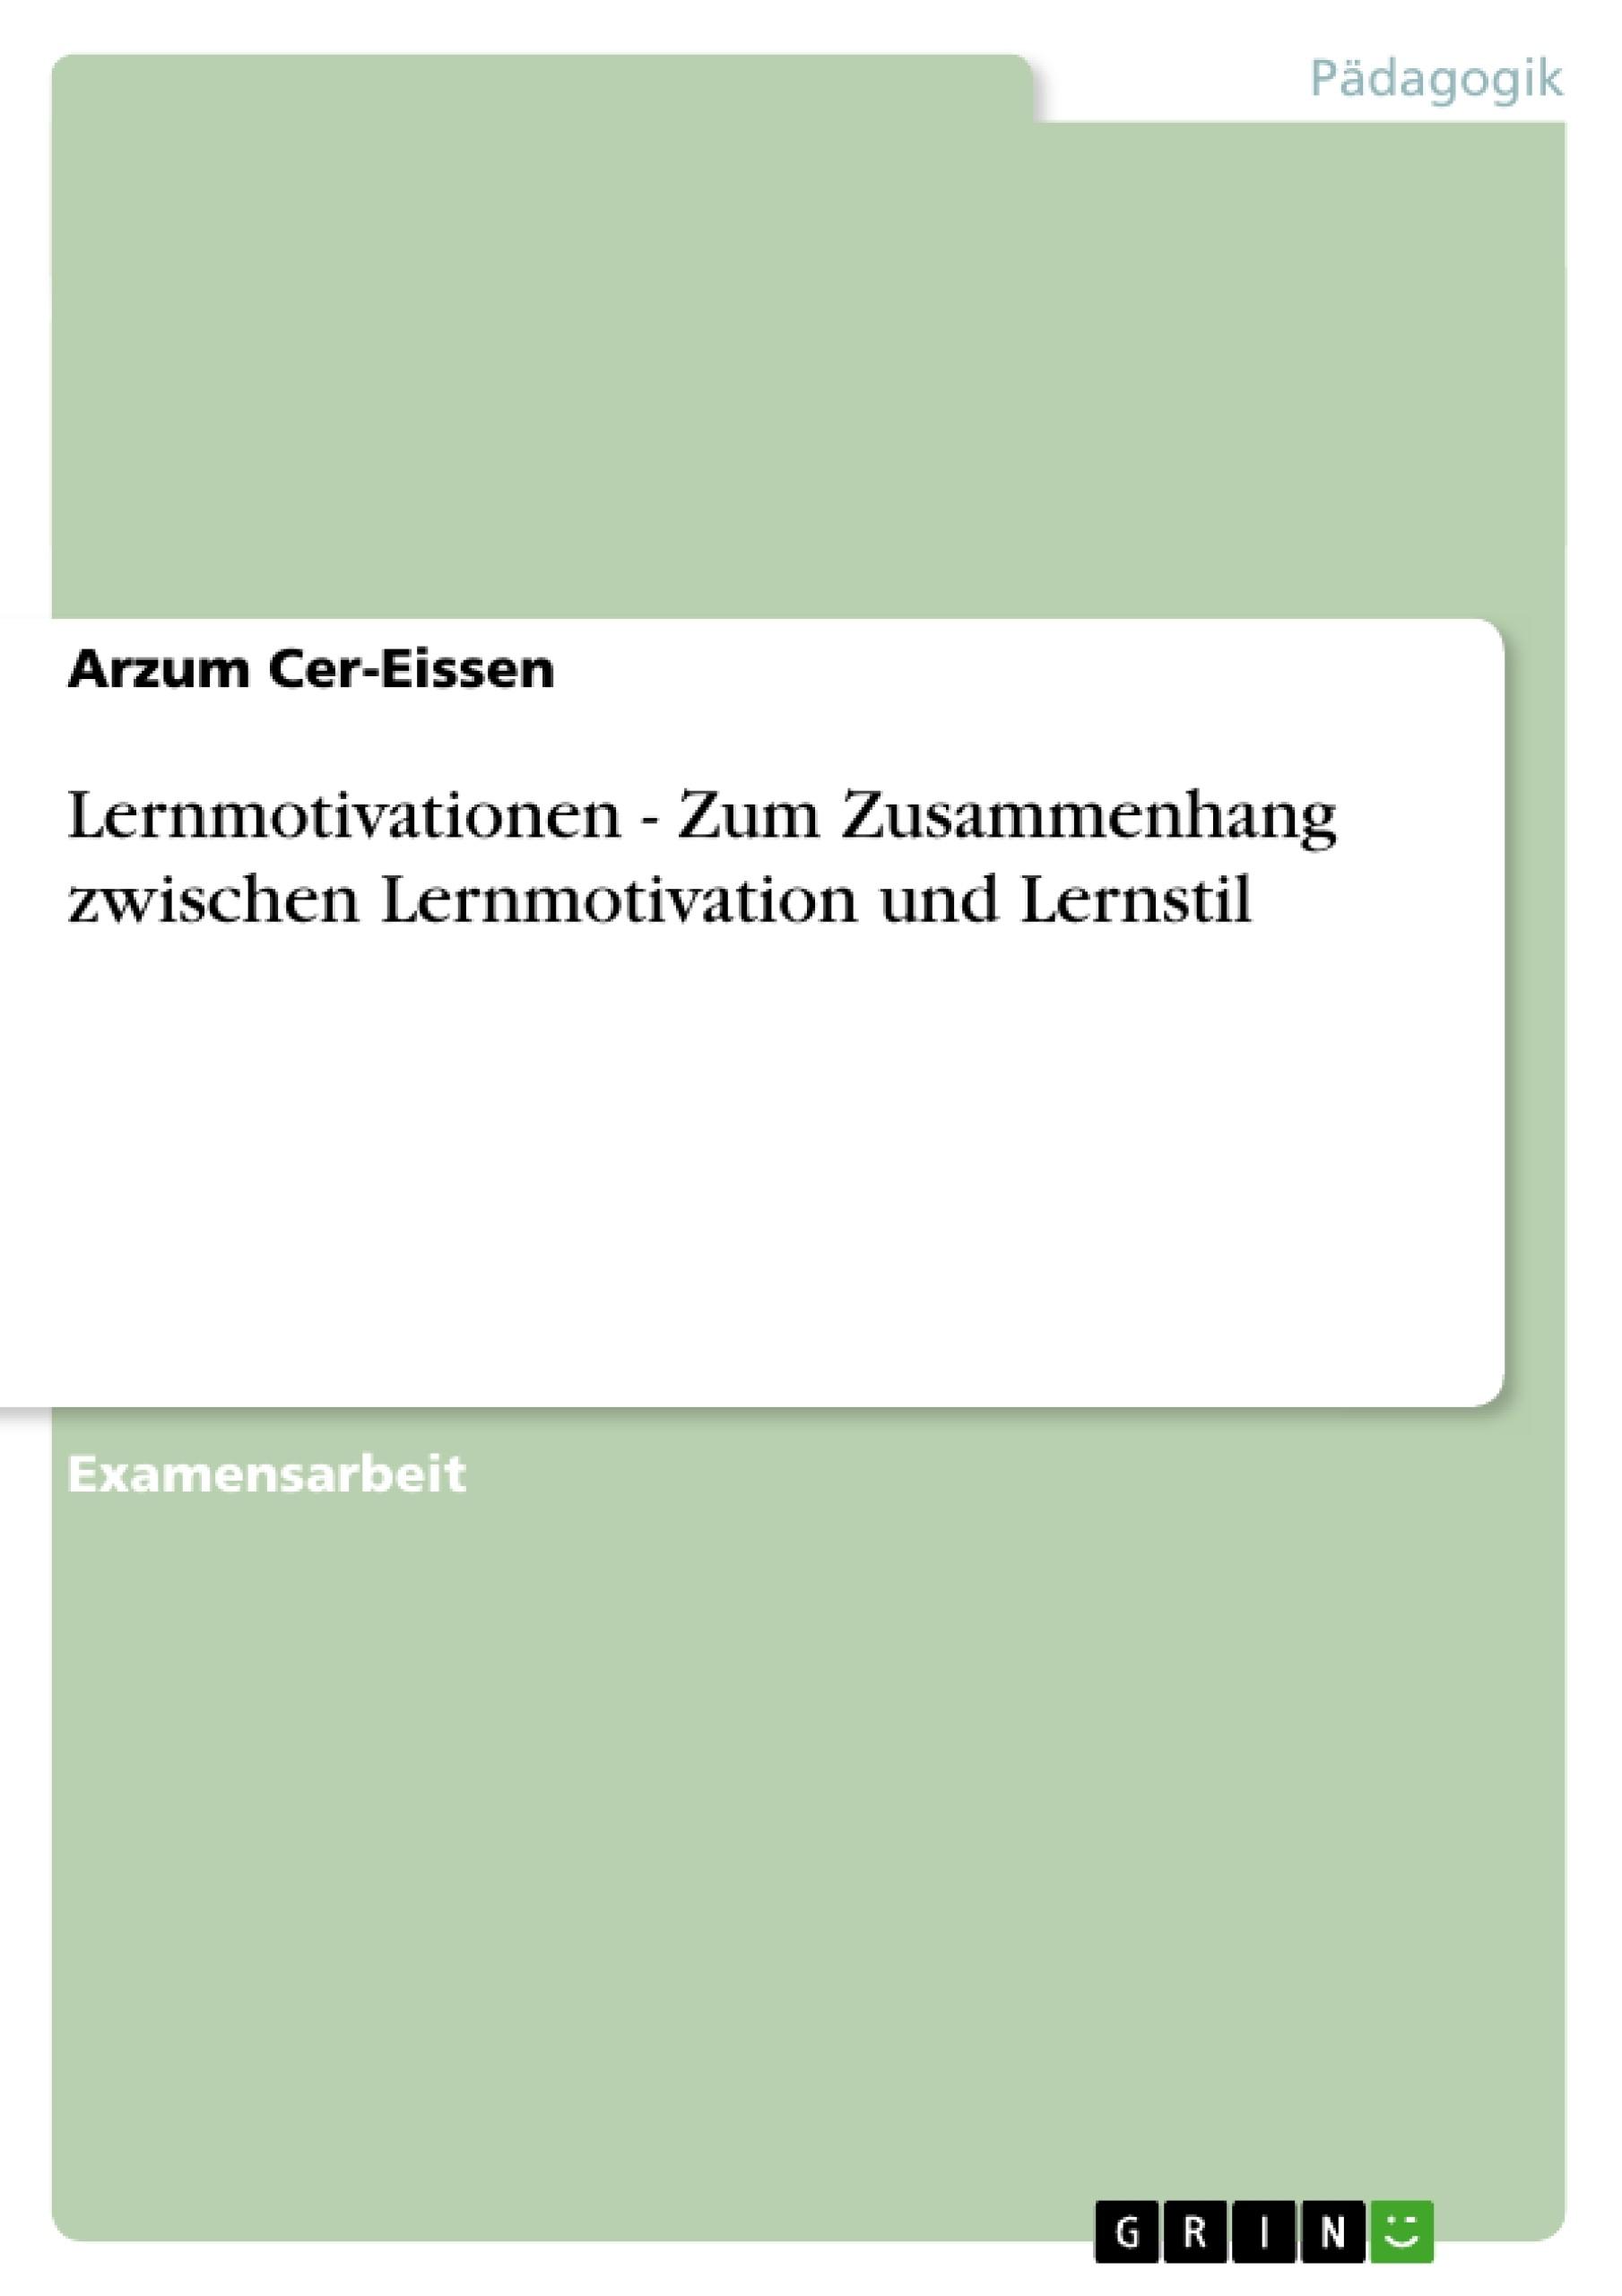 Titel: Lernmotivationen - Zum Zusammenhang zwischen Lernmotivation und Lernstil